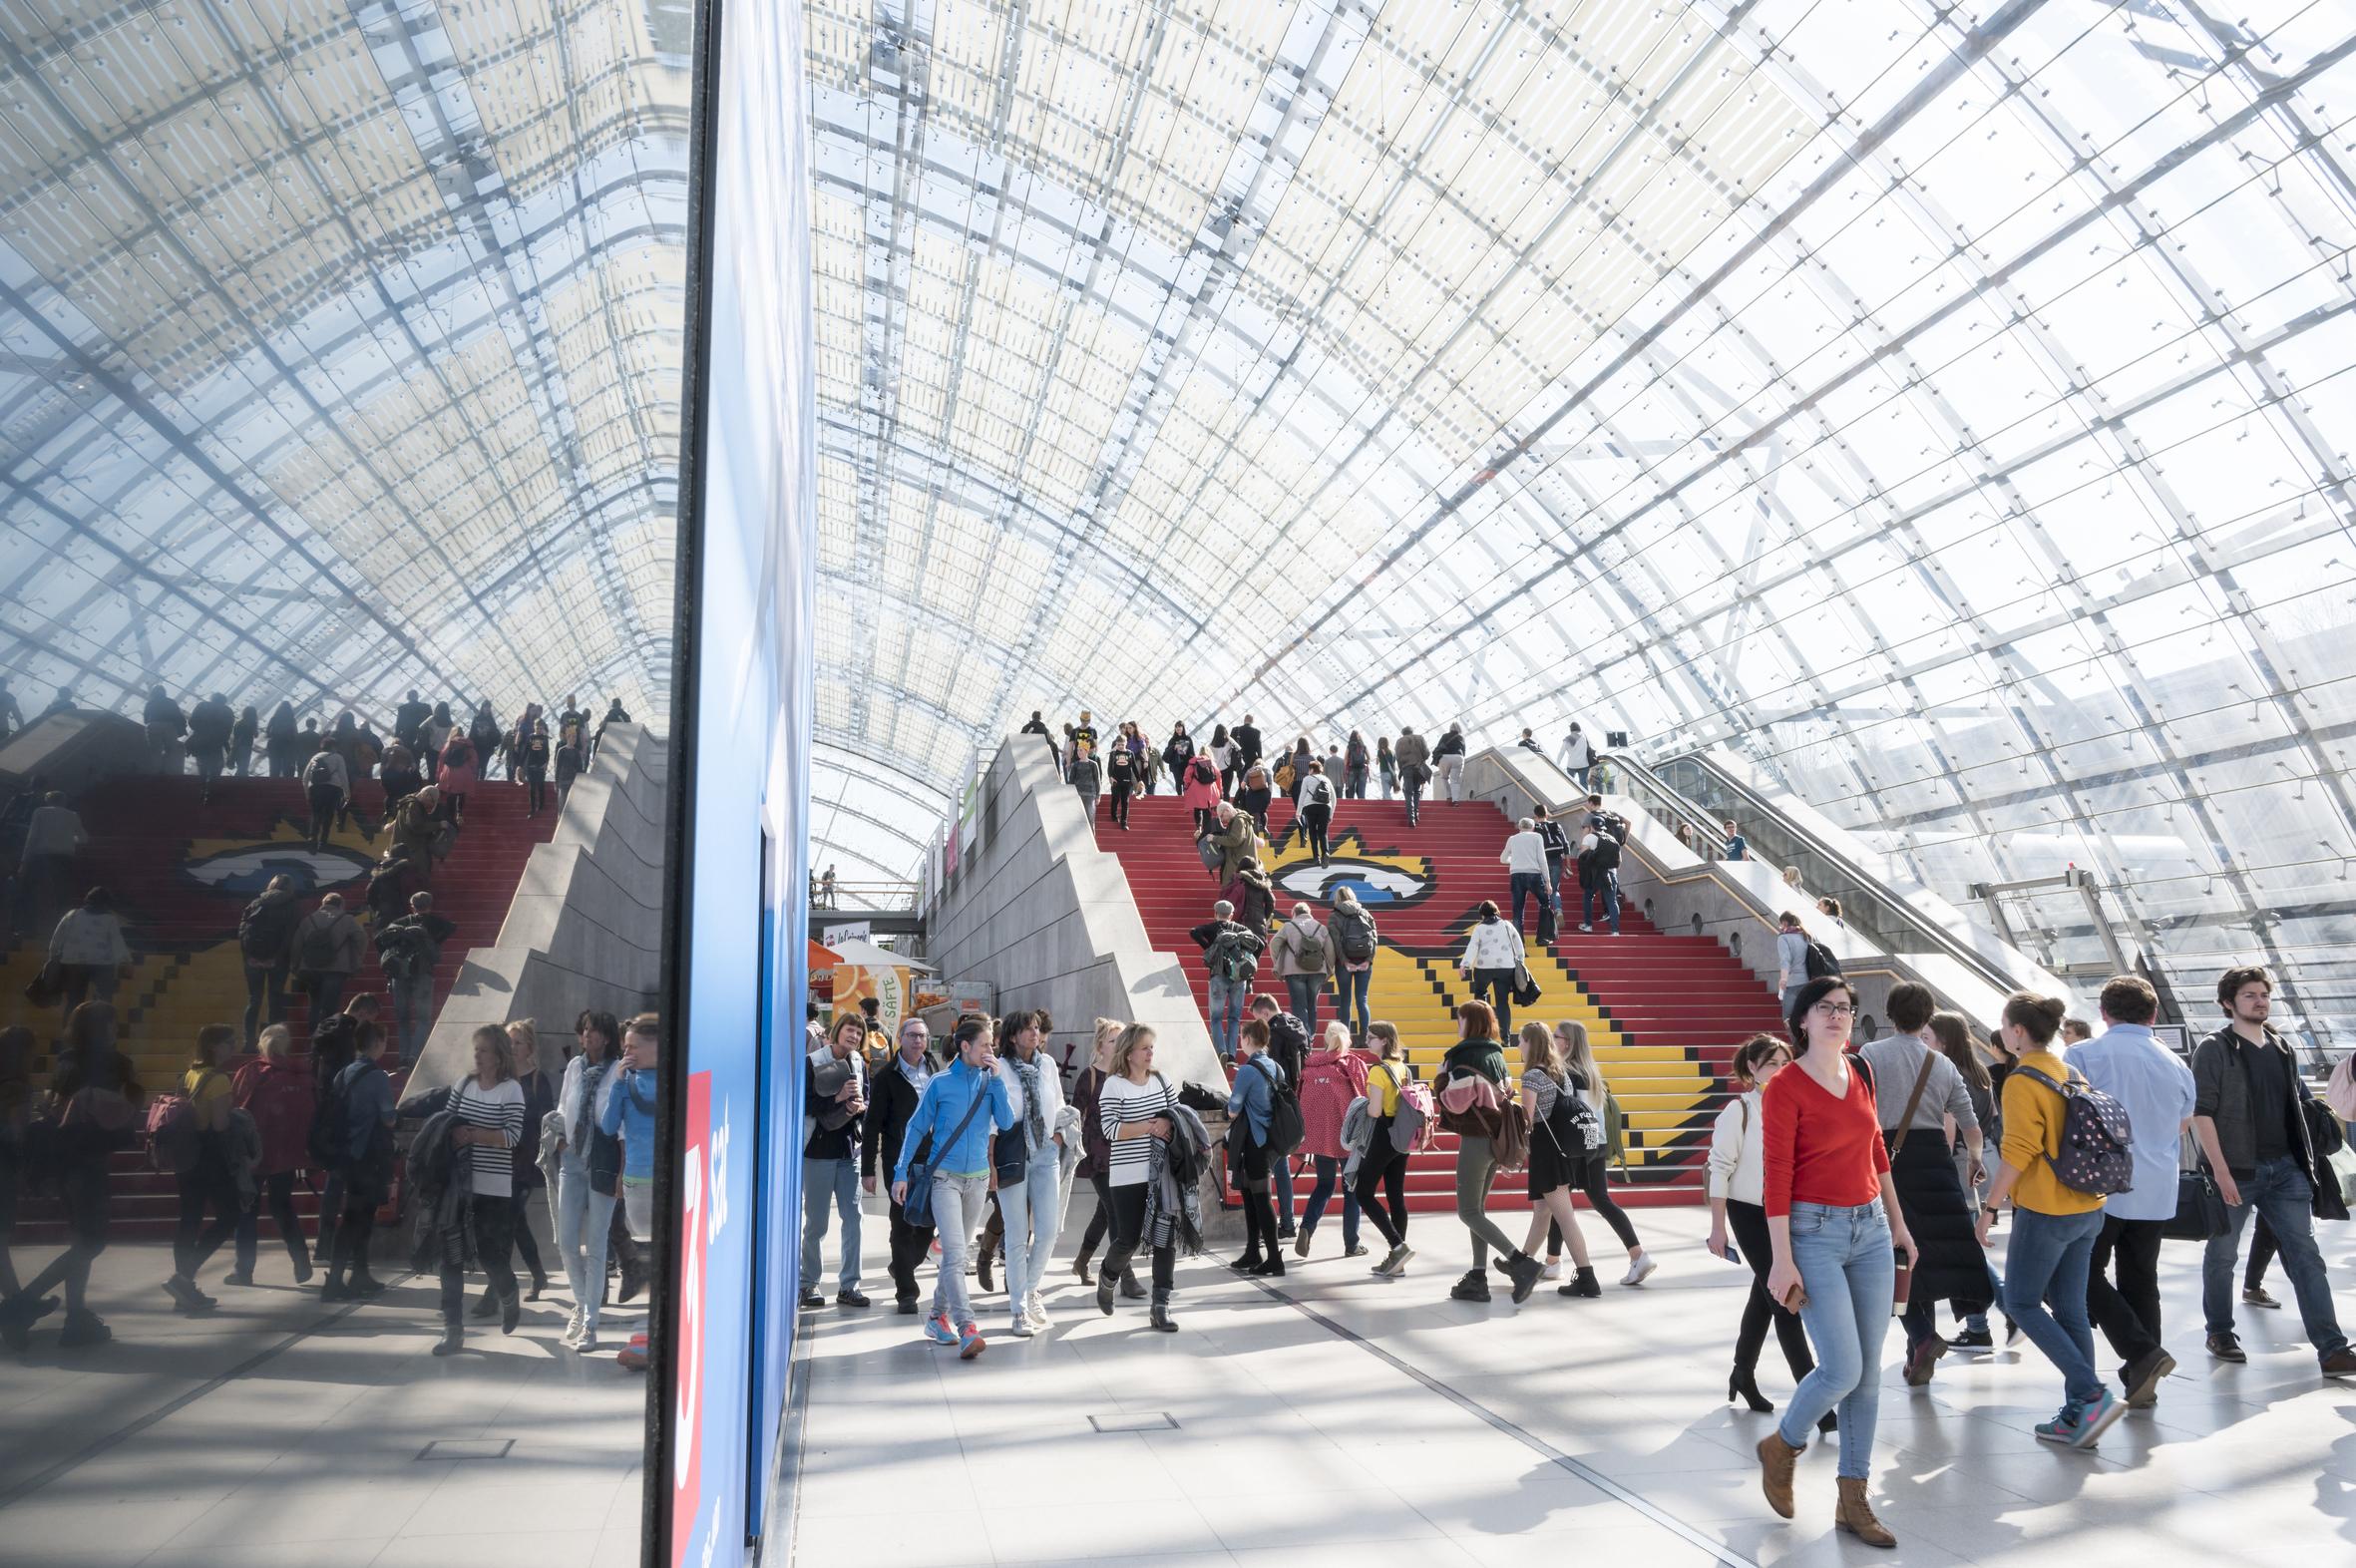 Leipziger Buchmesse 2019 Foto: Jens-Ulrich Koch.     +49 (0) 170 - 29 21 068. www.jens-ulrich-koch.de mail@jens-ulrich-koch.de